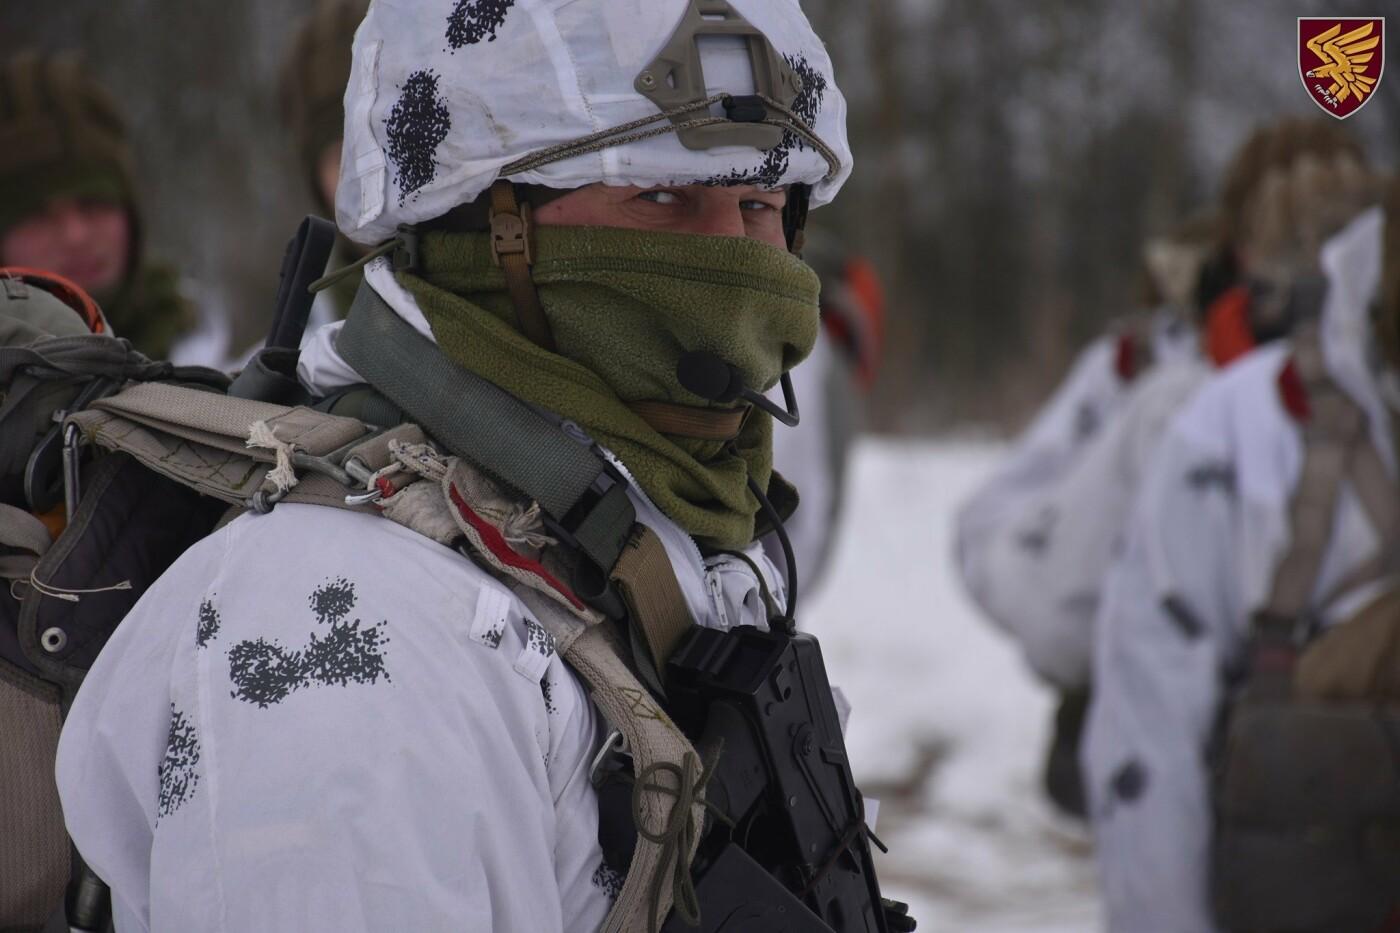 З особовим складом 95-ої бригади продовжуються інтенсивні заходи бойової підготовки. ФОТО, фото-1